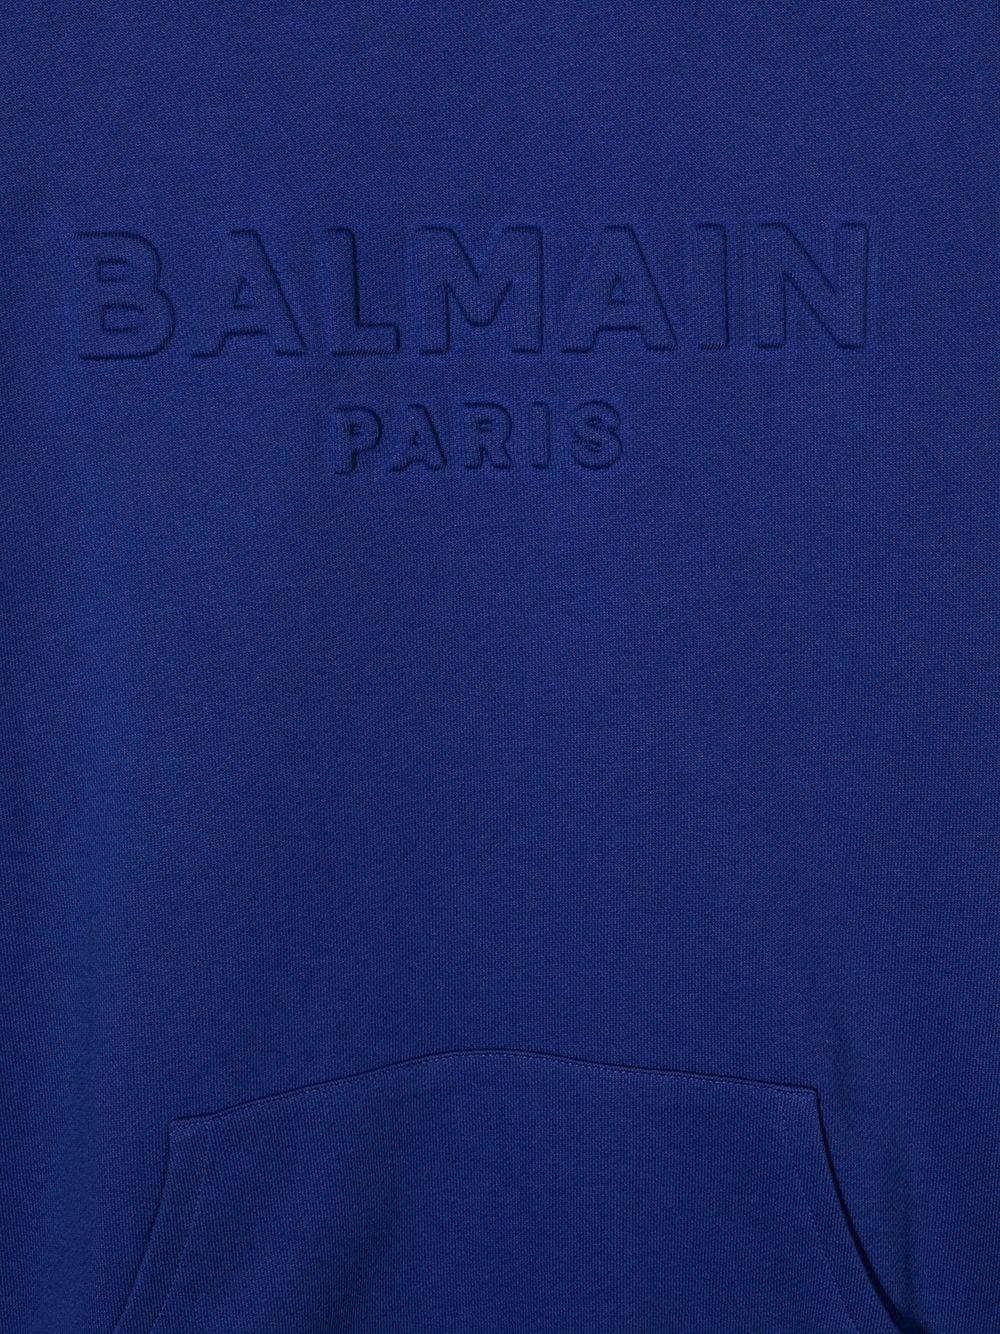 Balmain | Sweatshirt | 6N4700NX300616T